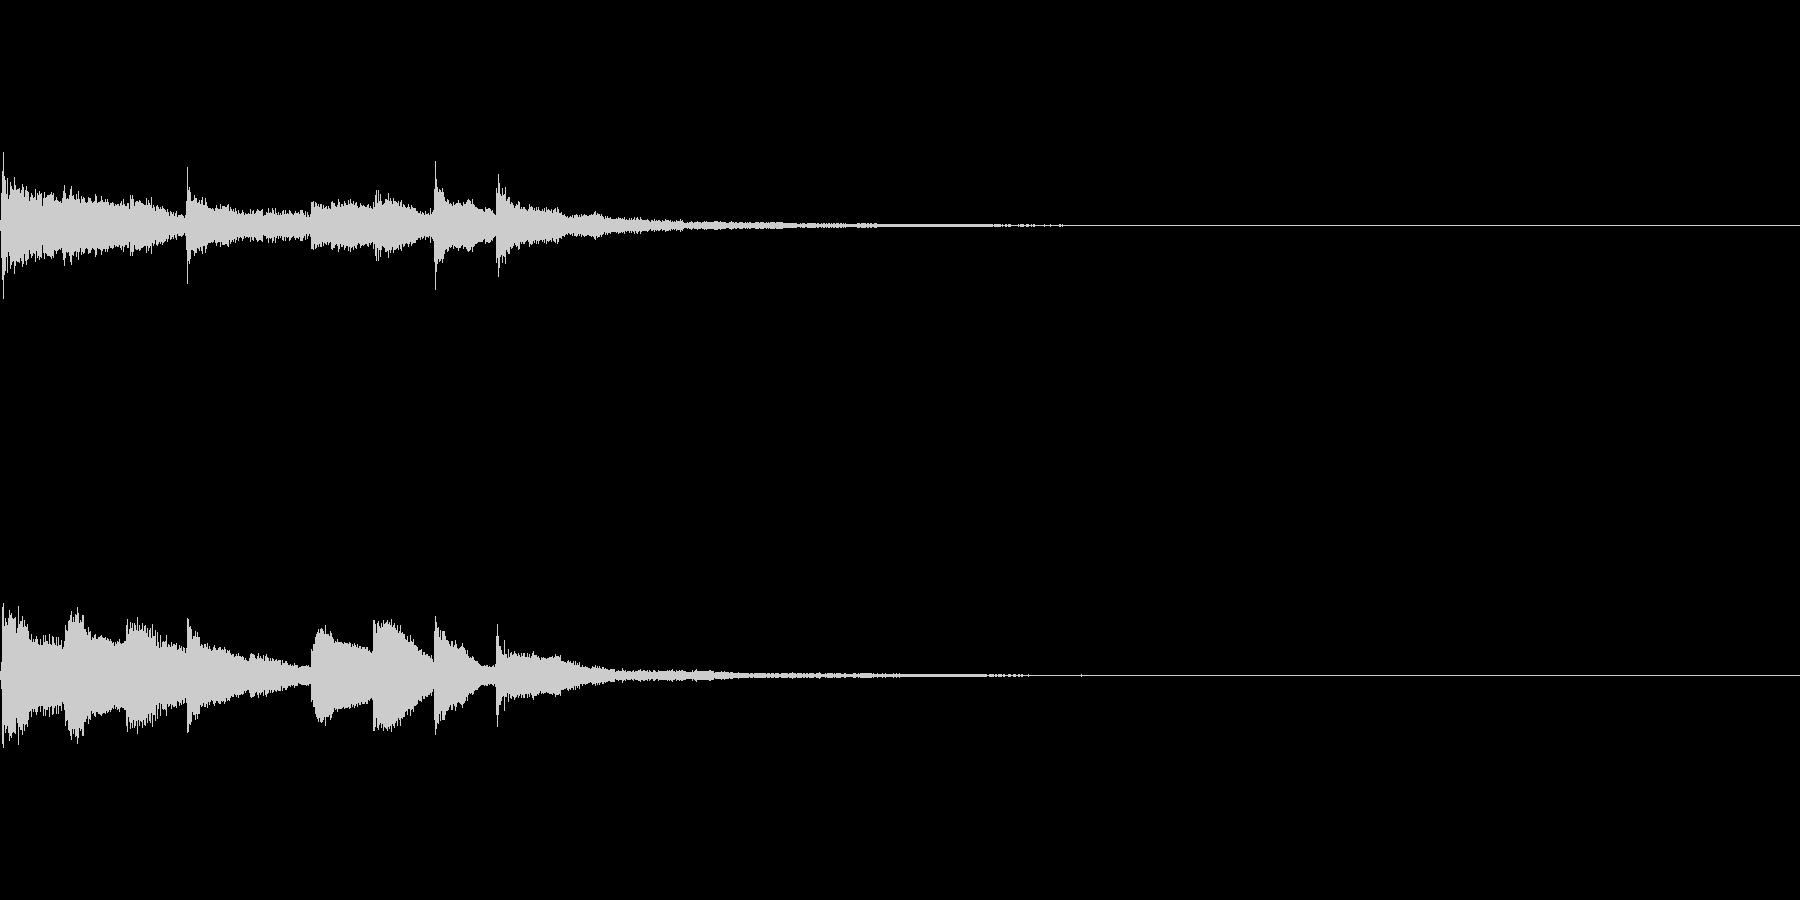 ピアノジングル01_aの未再生の波形